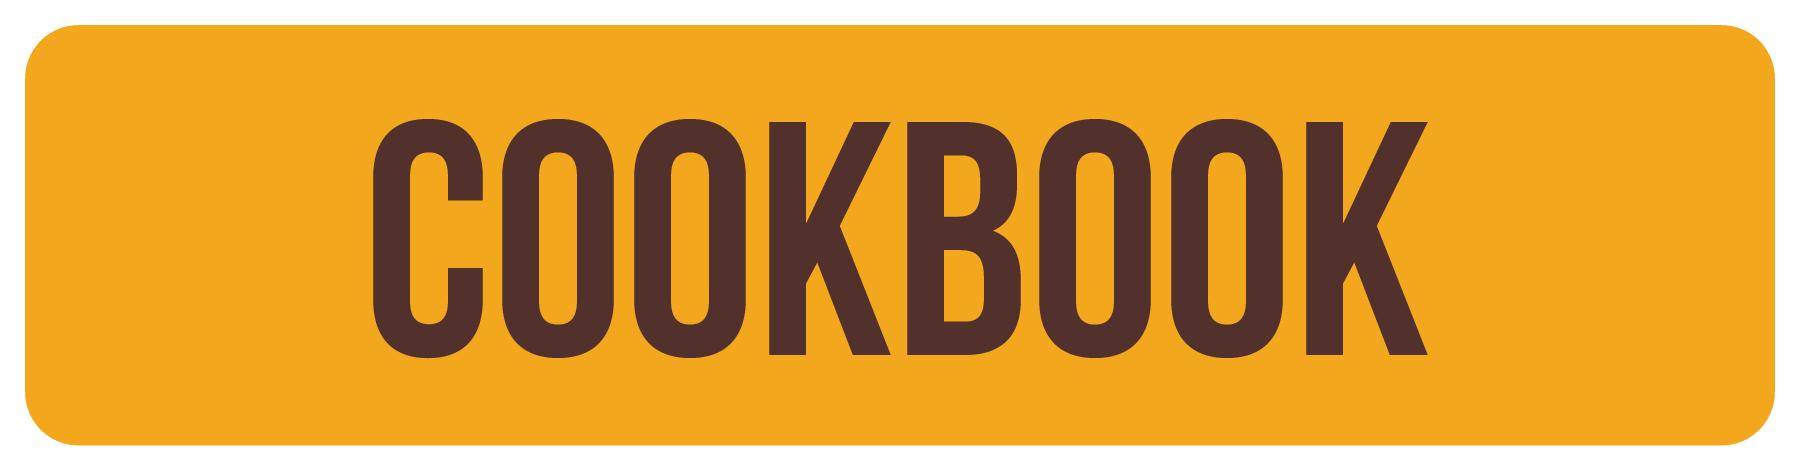 SHOP FOR_COOKBOOK.png